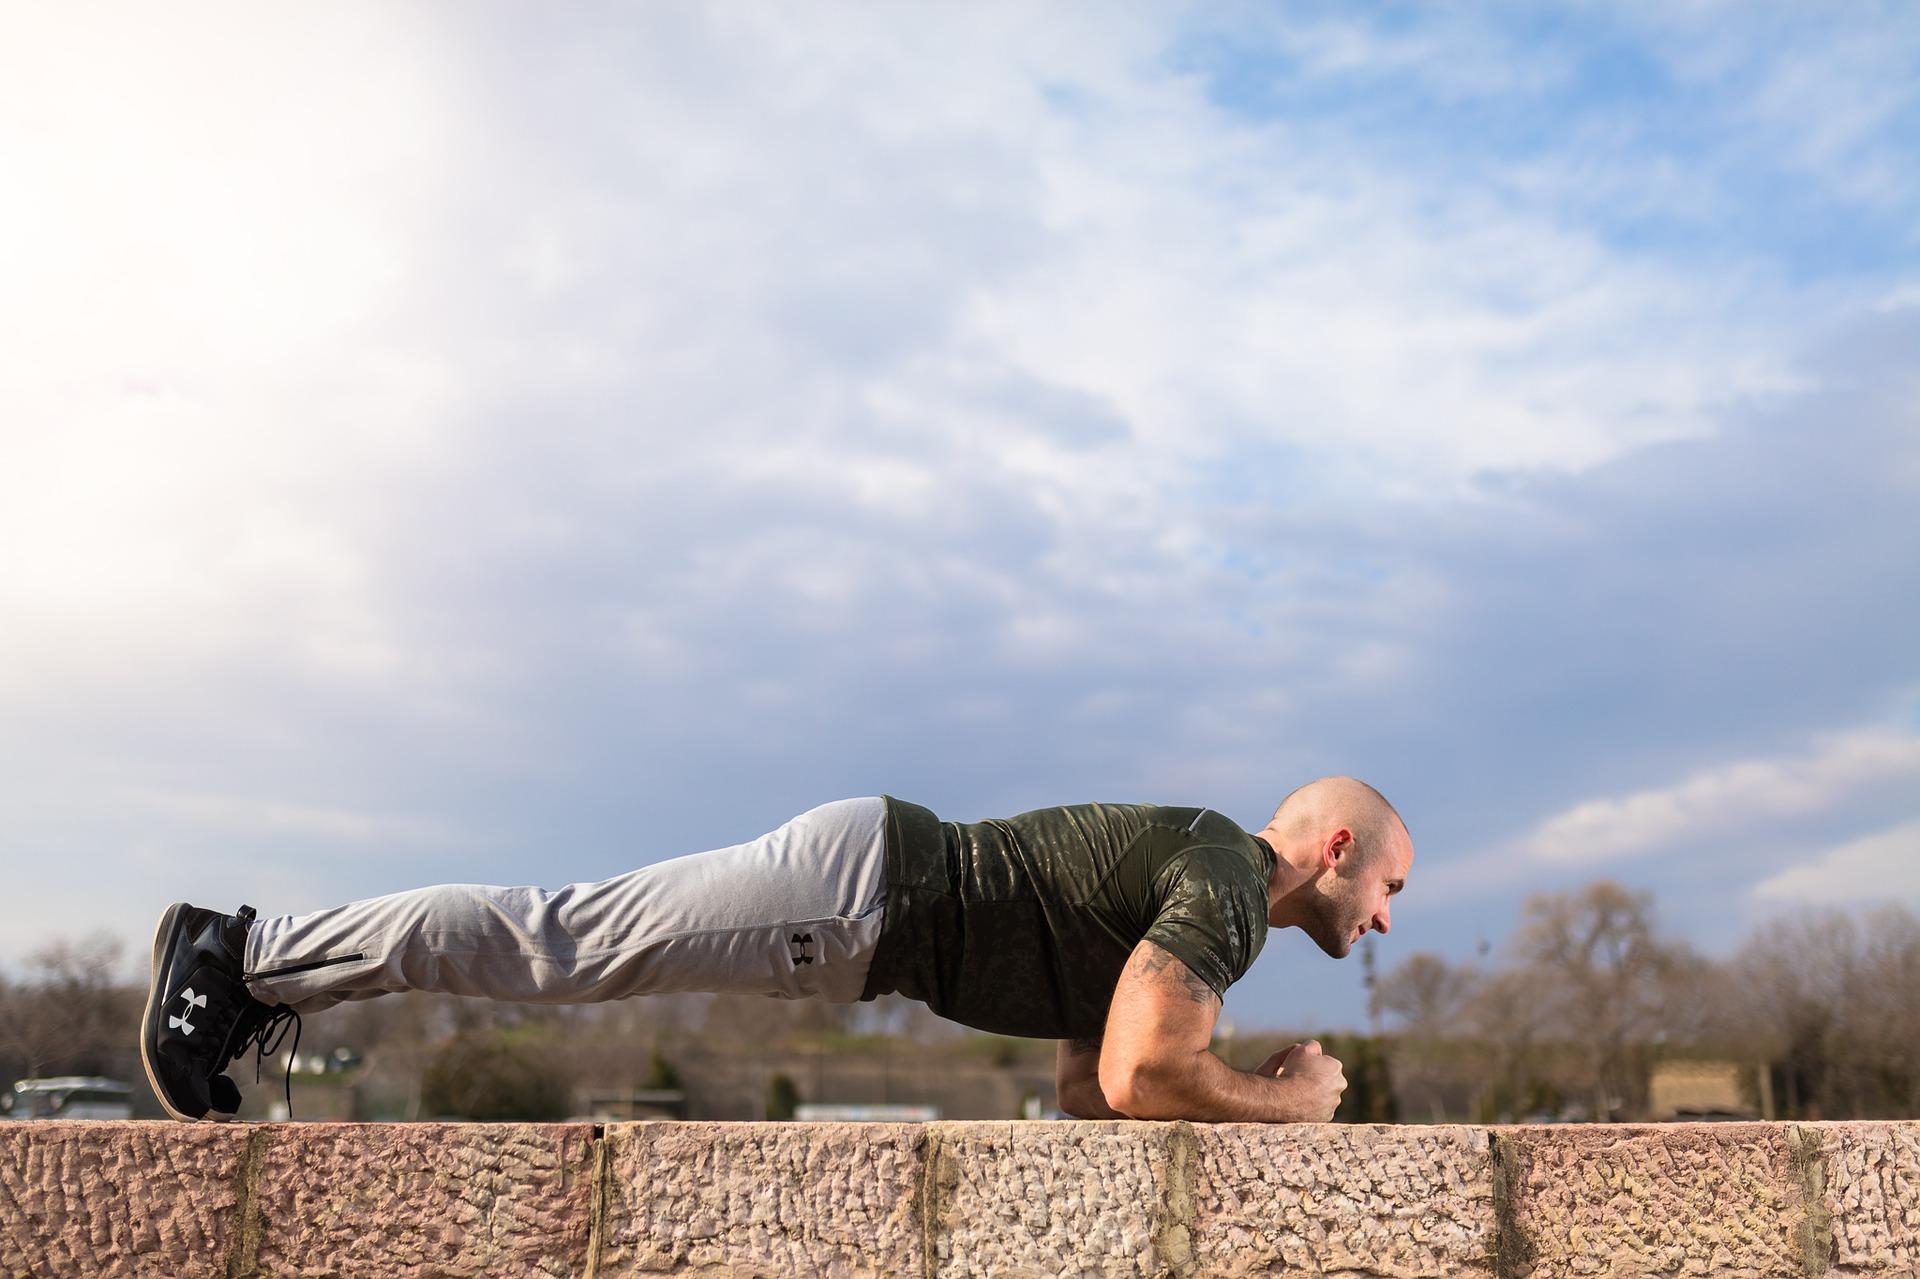 トレーニング初心者におすすめ!体幹を鍛えるプランクのやり方とコツ